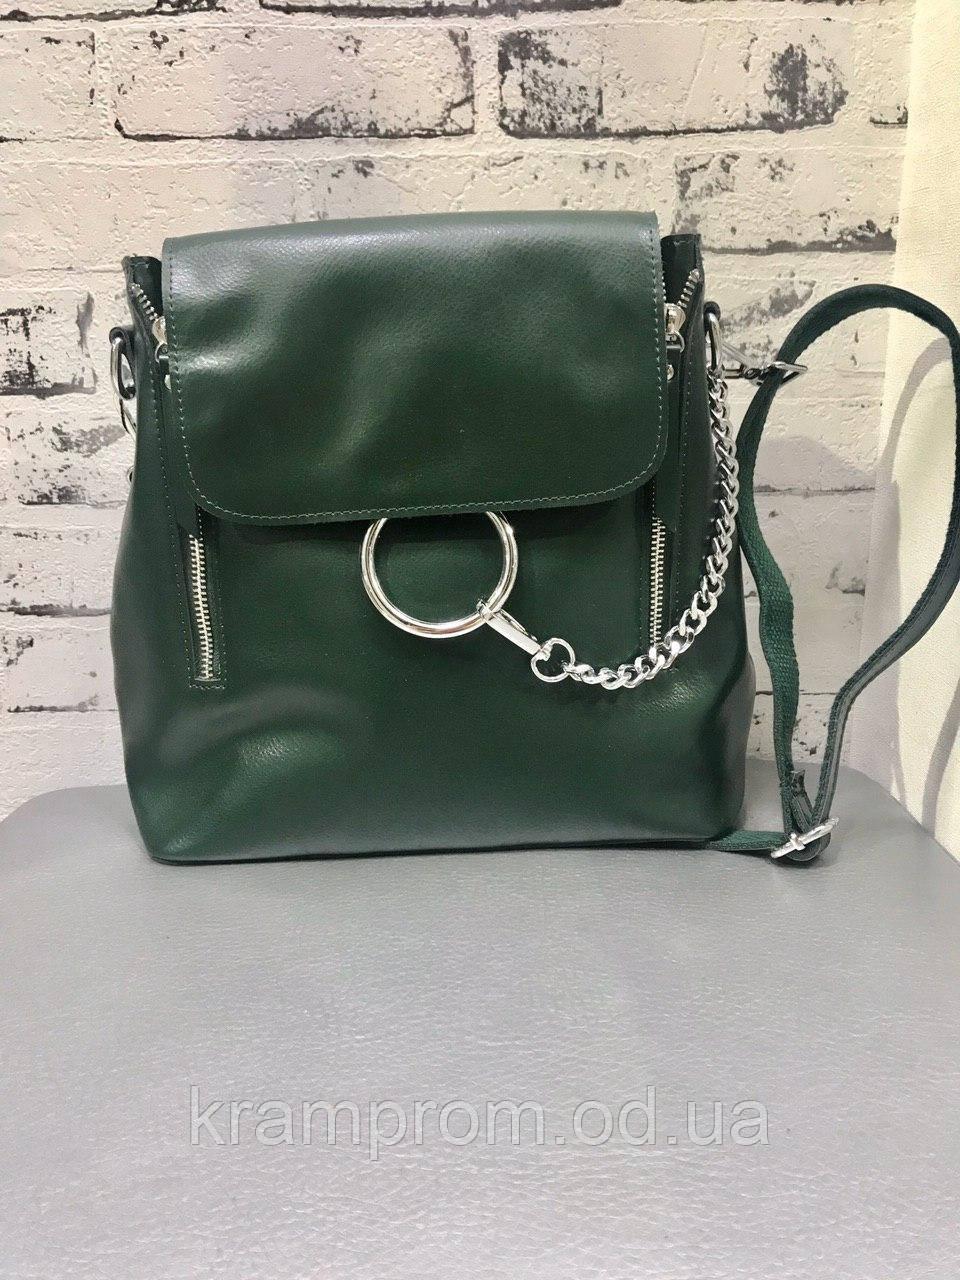 Кожаная сумка рюкзак из натуральной кожи